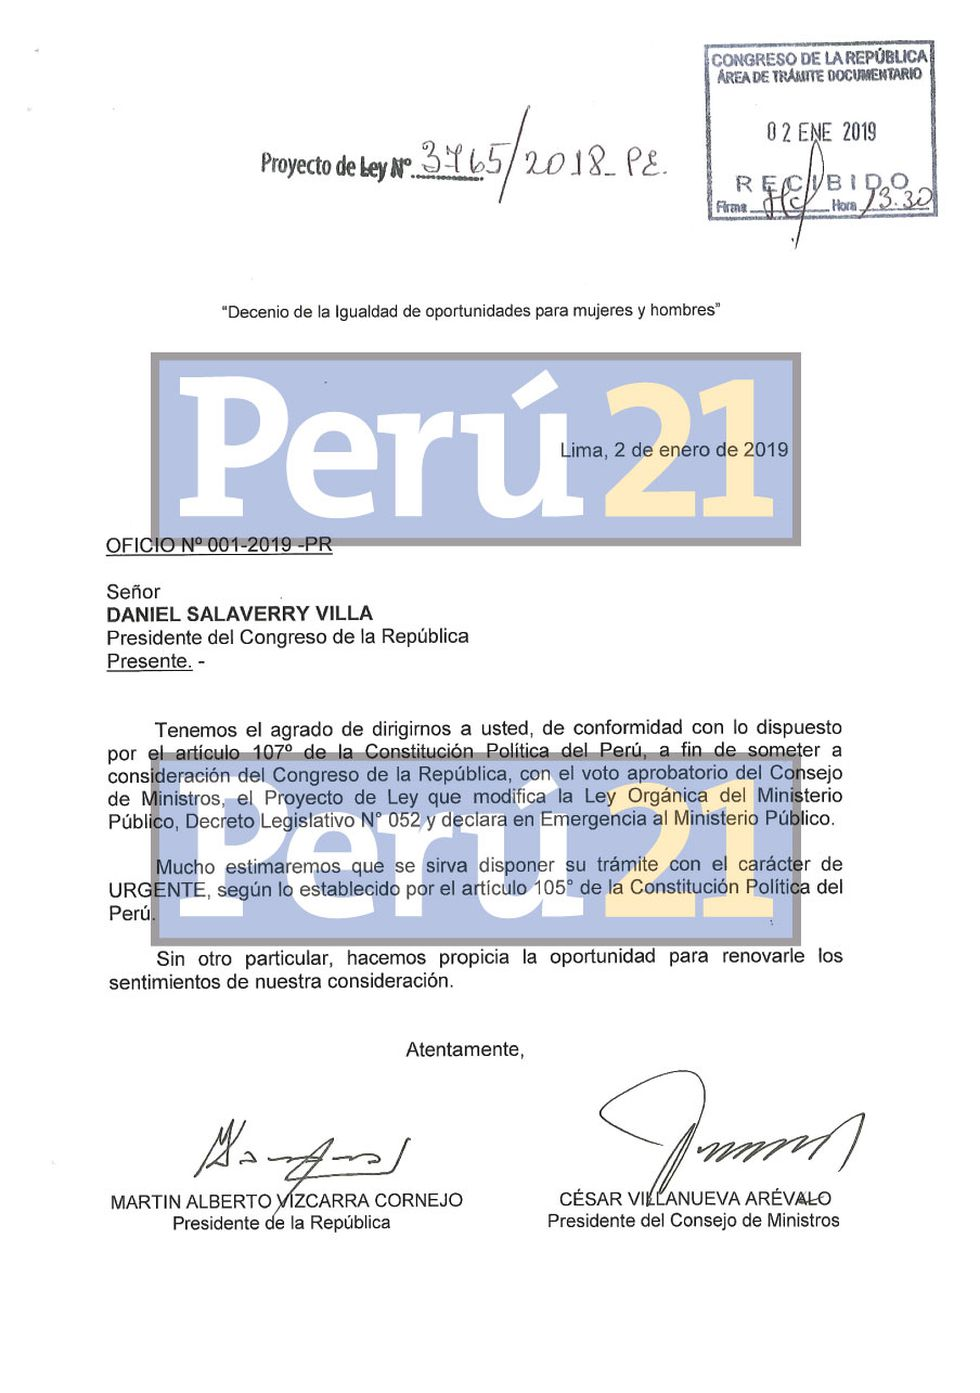 Este es el proyecto de ley para declarar en estado de emergencia el Ministerio Público